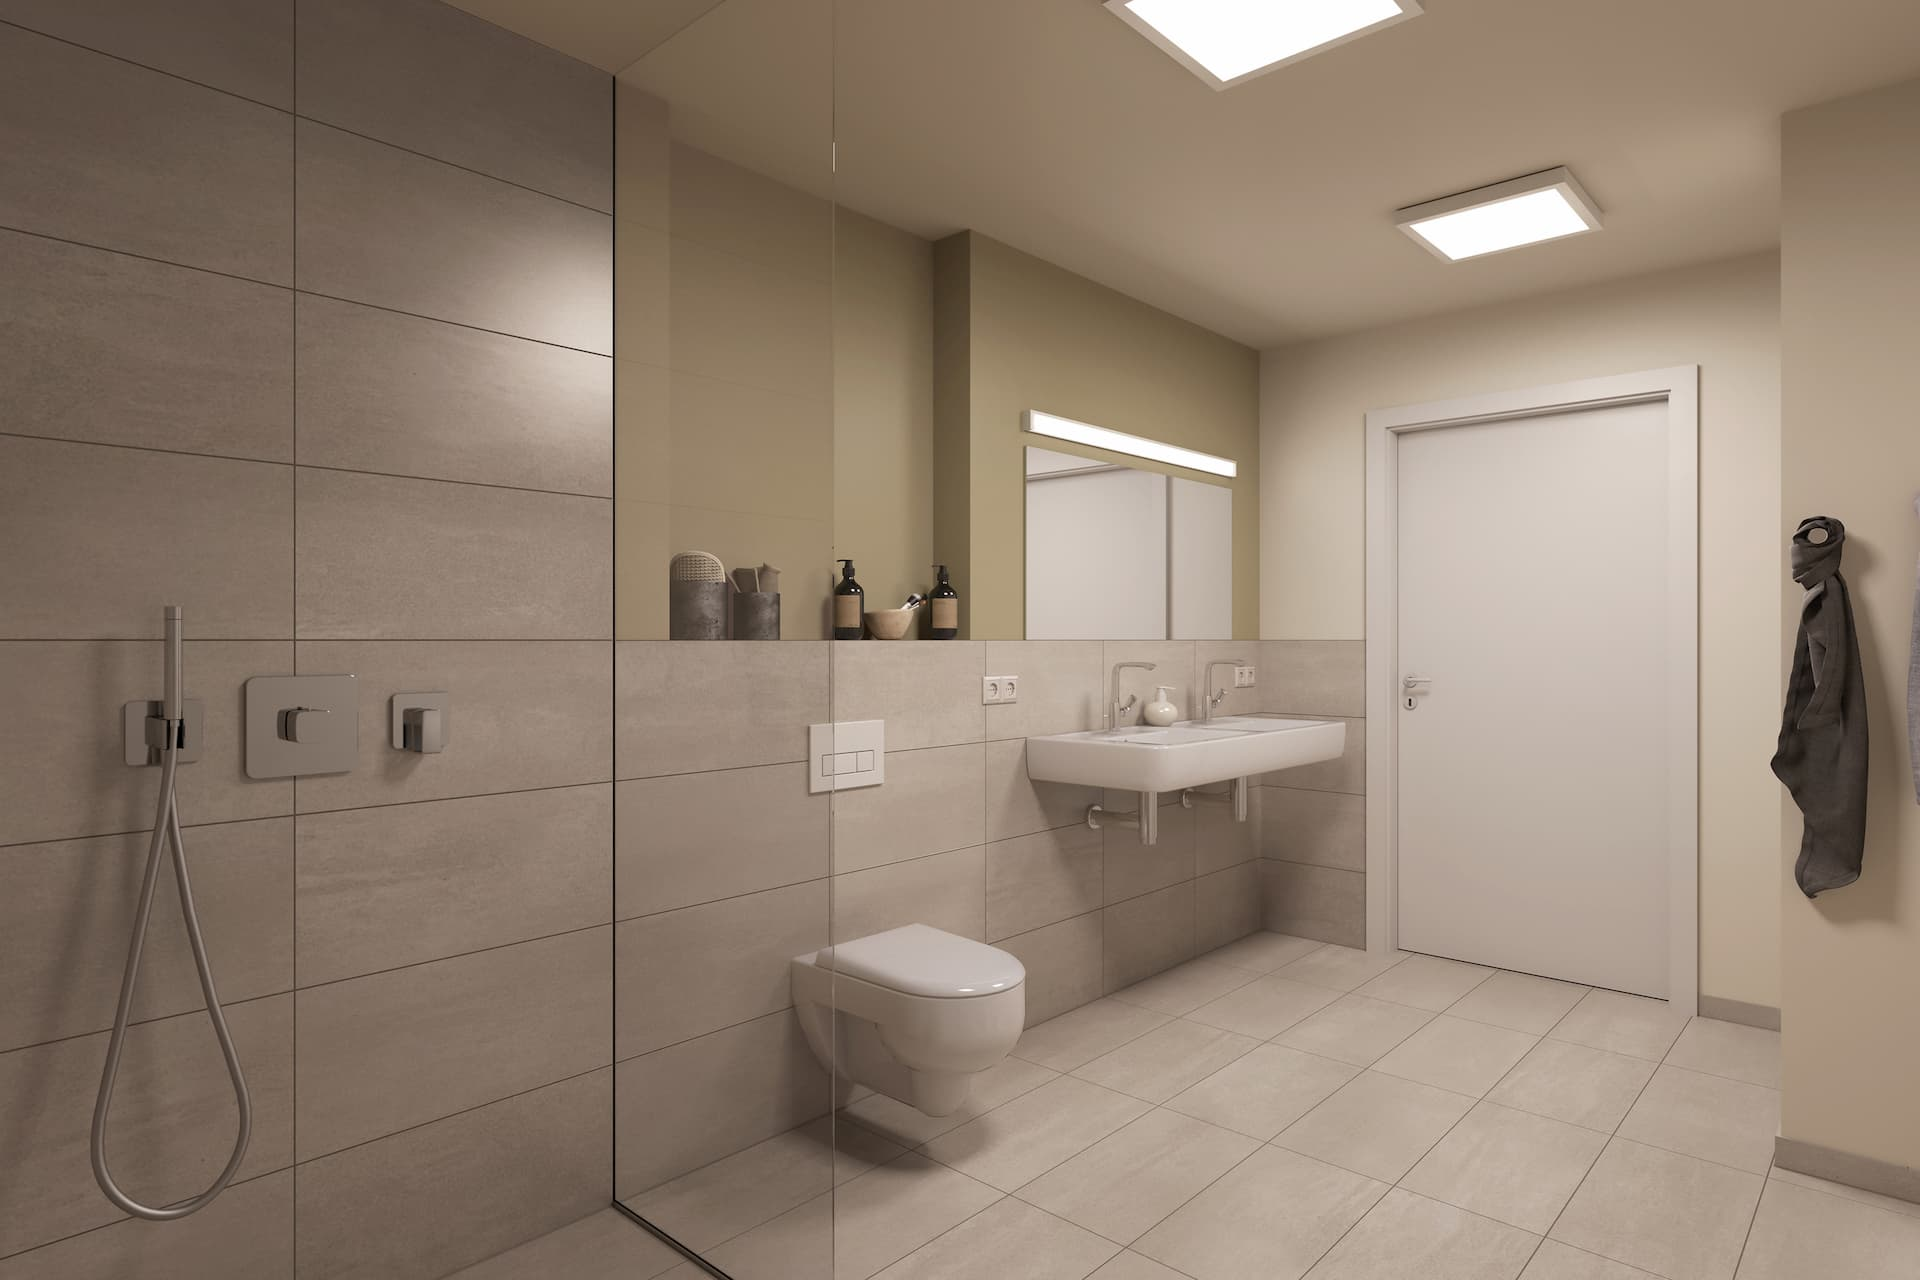 Badezimmer in einem LIHA Haus